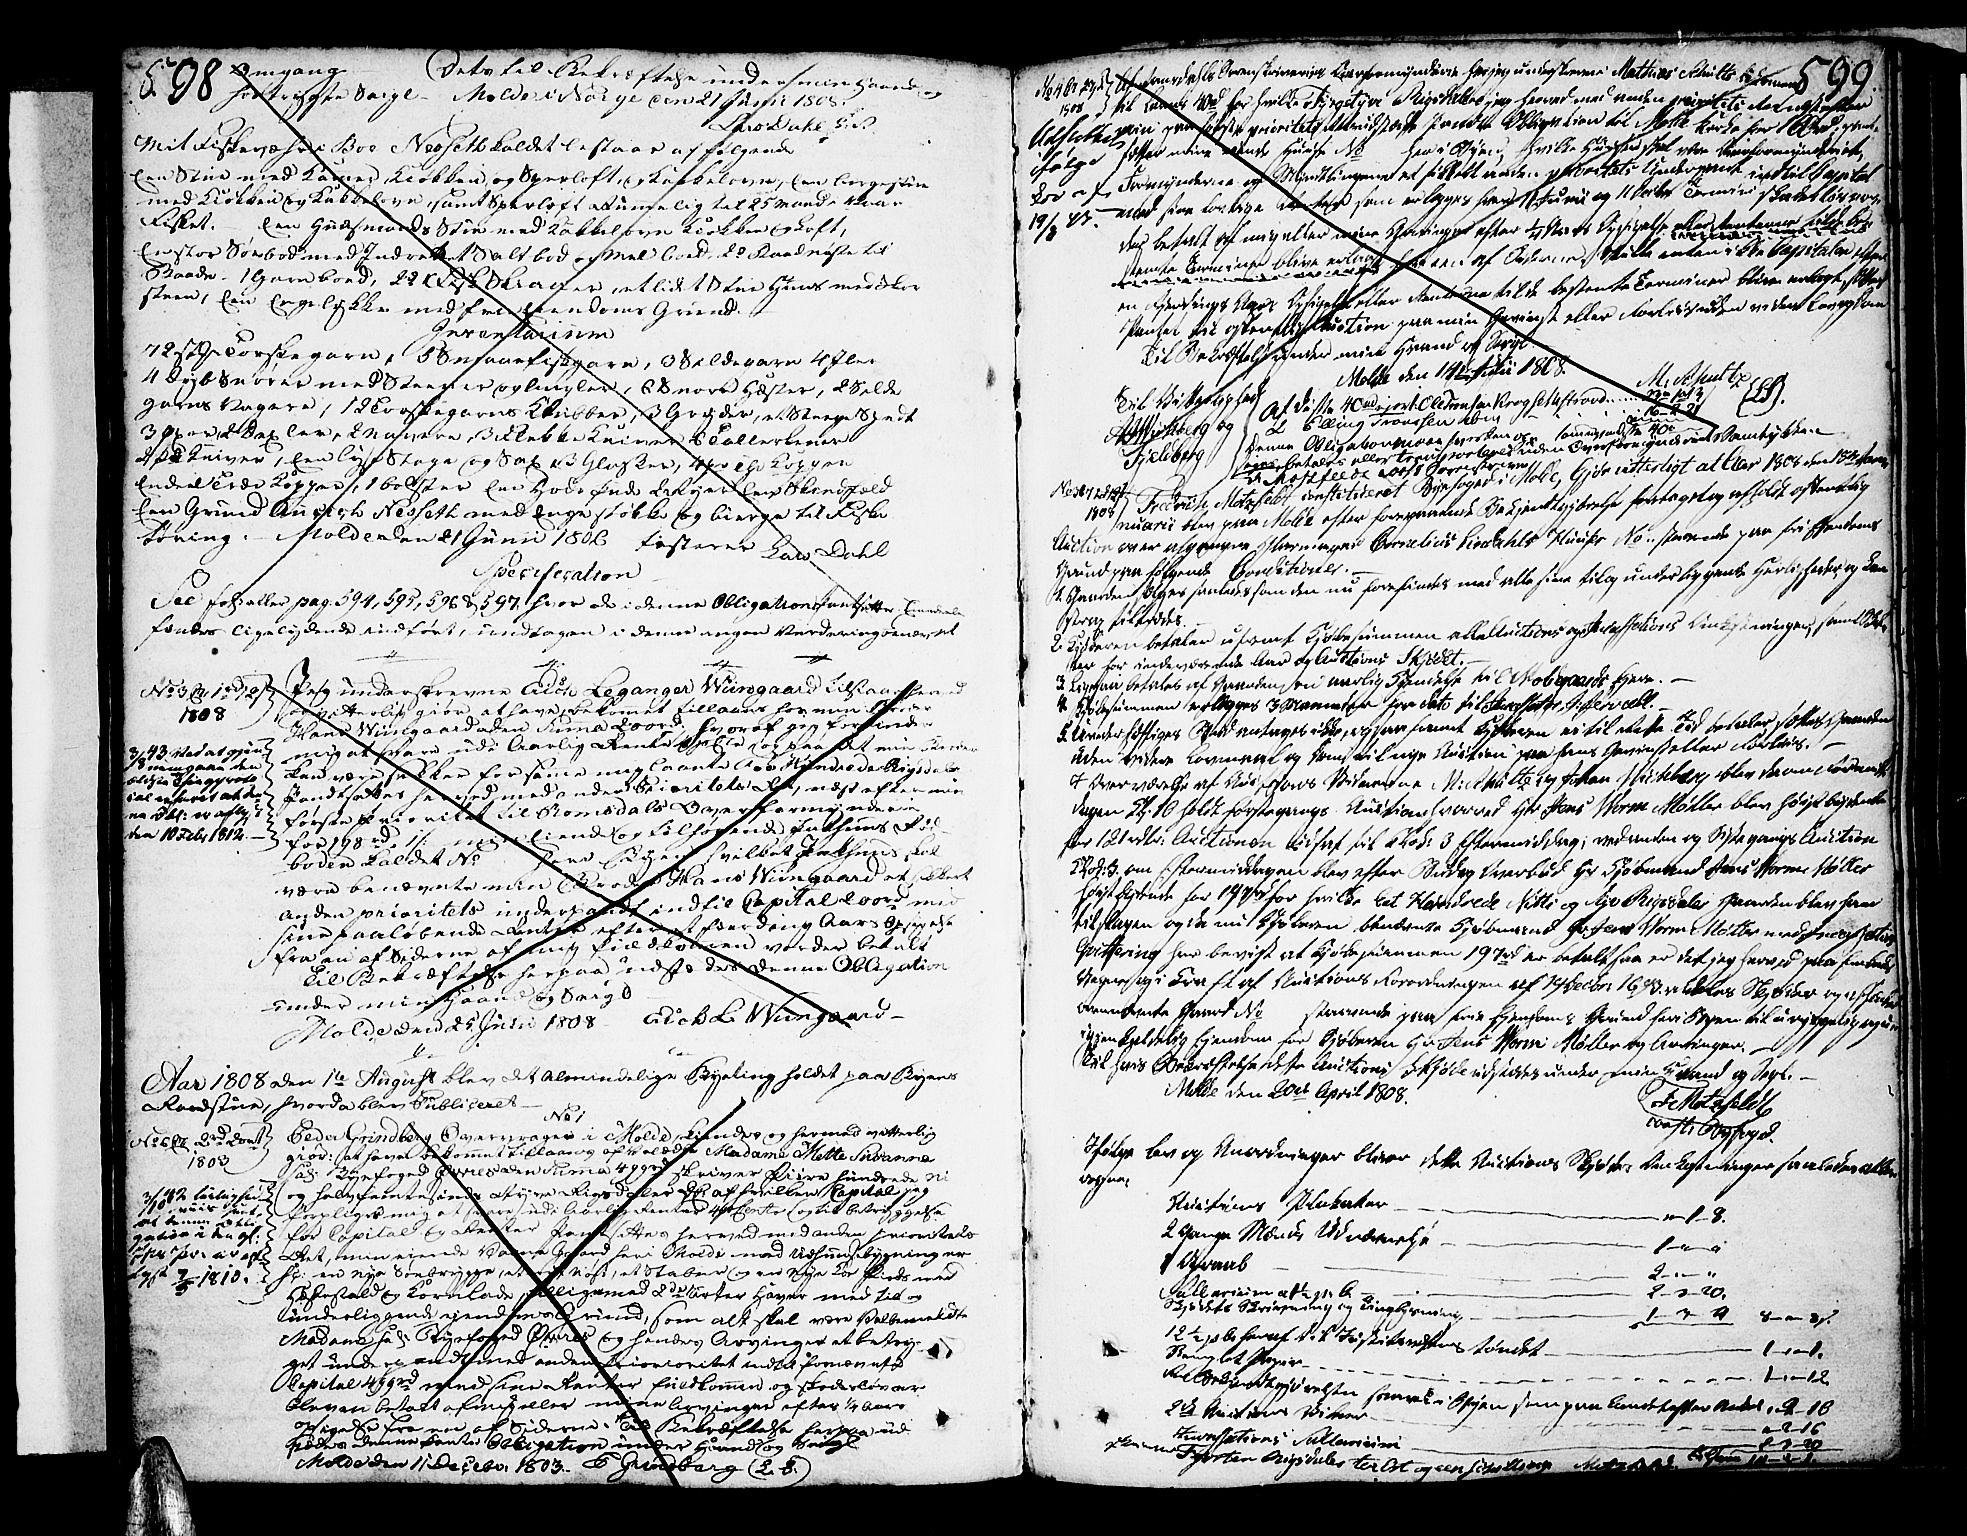 SAT, Molde byfogd, 2/2C/L0001: Mortgage book no. 1, 1748-1823, p. 598-599